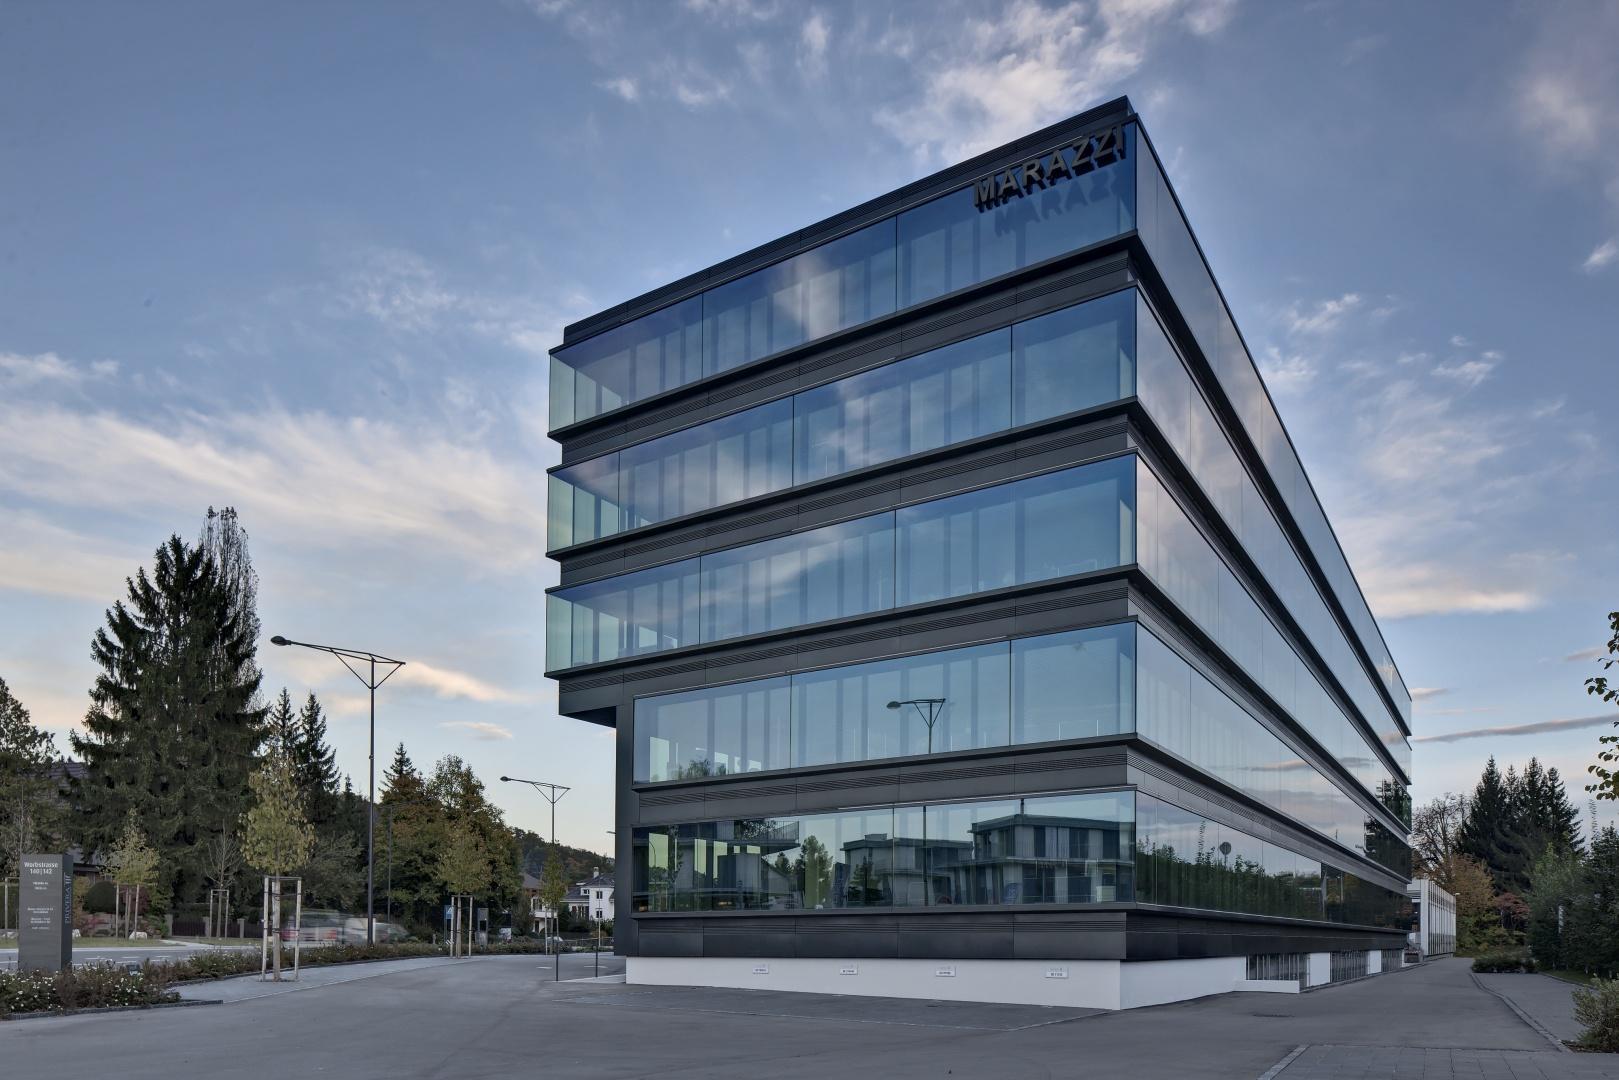 Blick auf Neubau © RENÉ DÜRR ARCHITEKTURFOTOGRAFIE, SCHWANDENHOLZSTRASSE 228, 8046 ZÜRICH